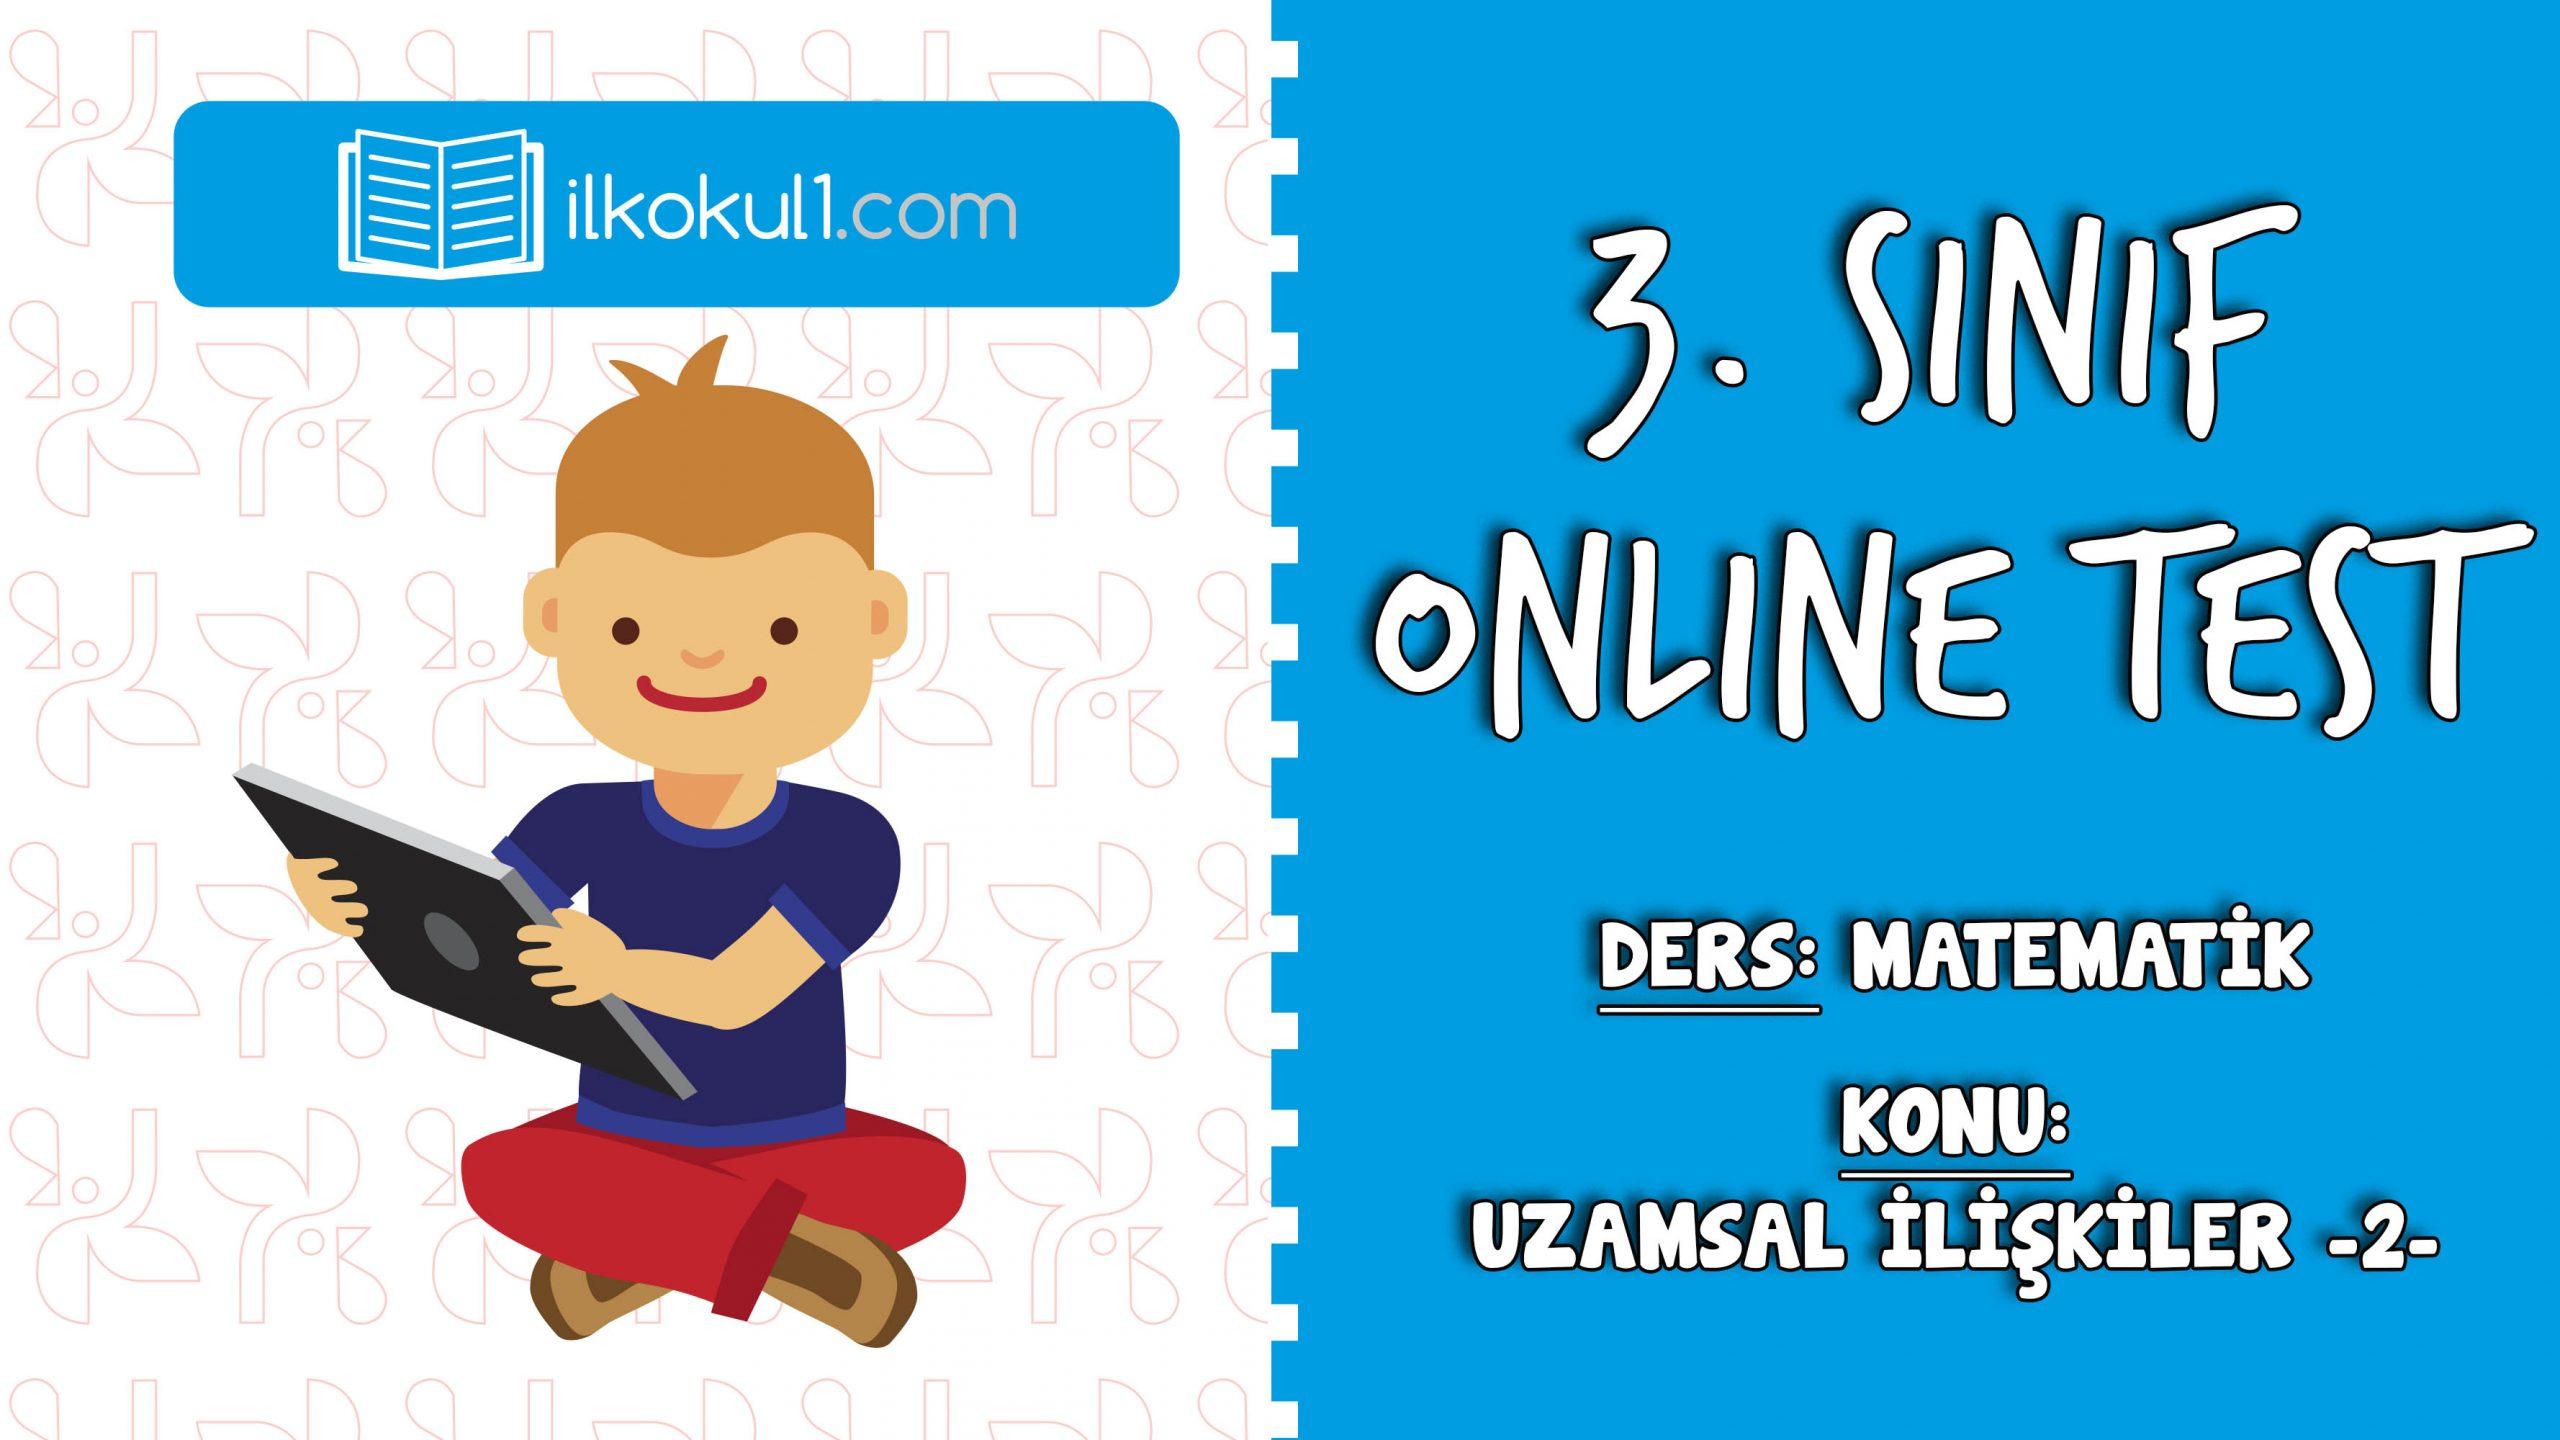 3. Sınıf Matematik -UZAMSAL İLİŞKİLER 2- Online Test